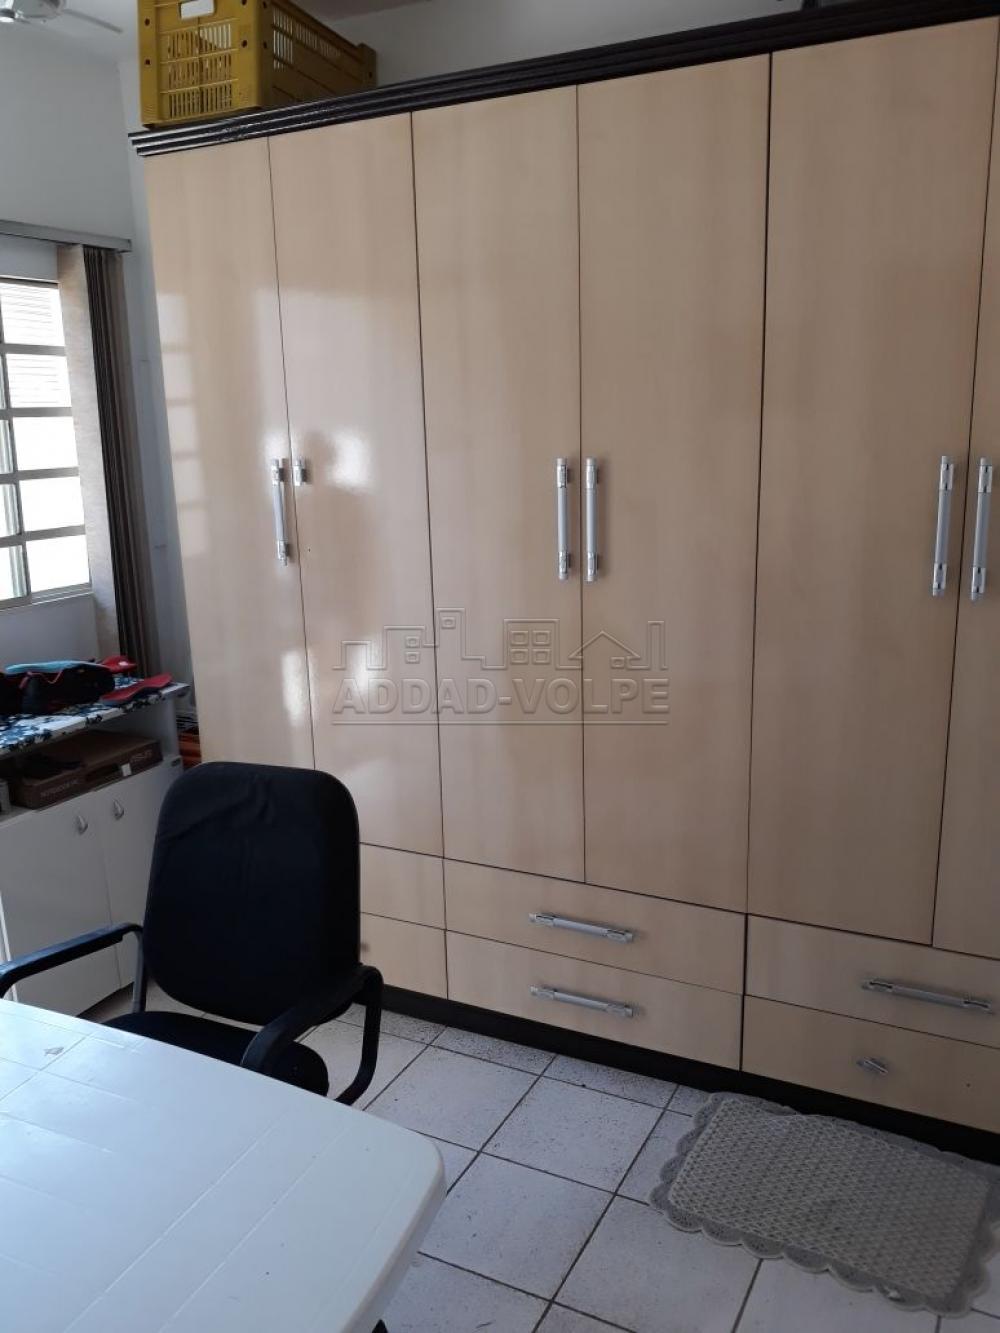 Comprar Casa / Padrão em Bauru apenas R$ 440.000,00 - Foto 14